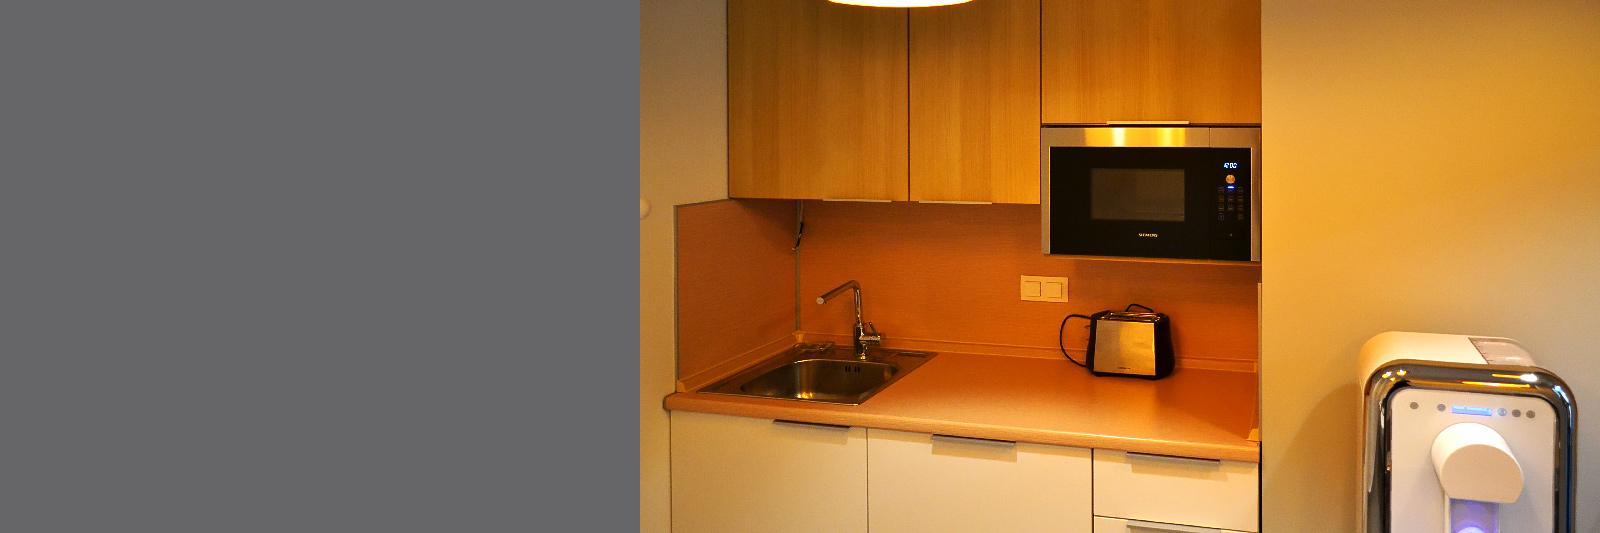 Офисная кухня в нишу под размер